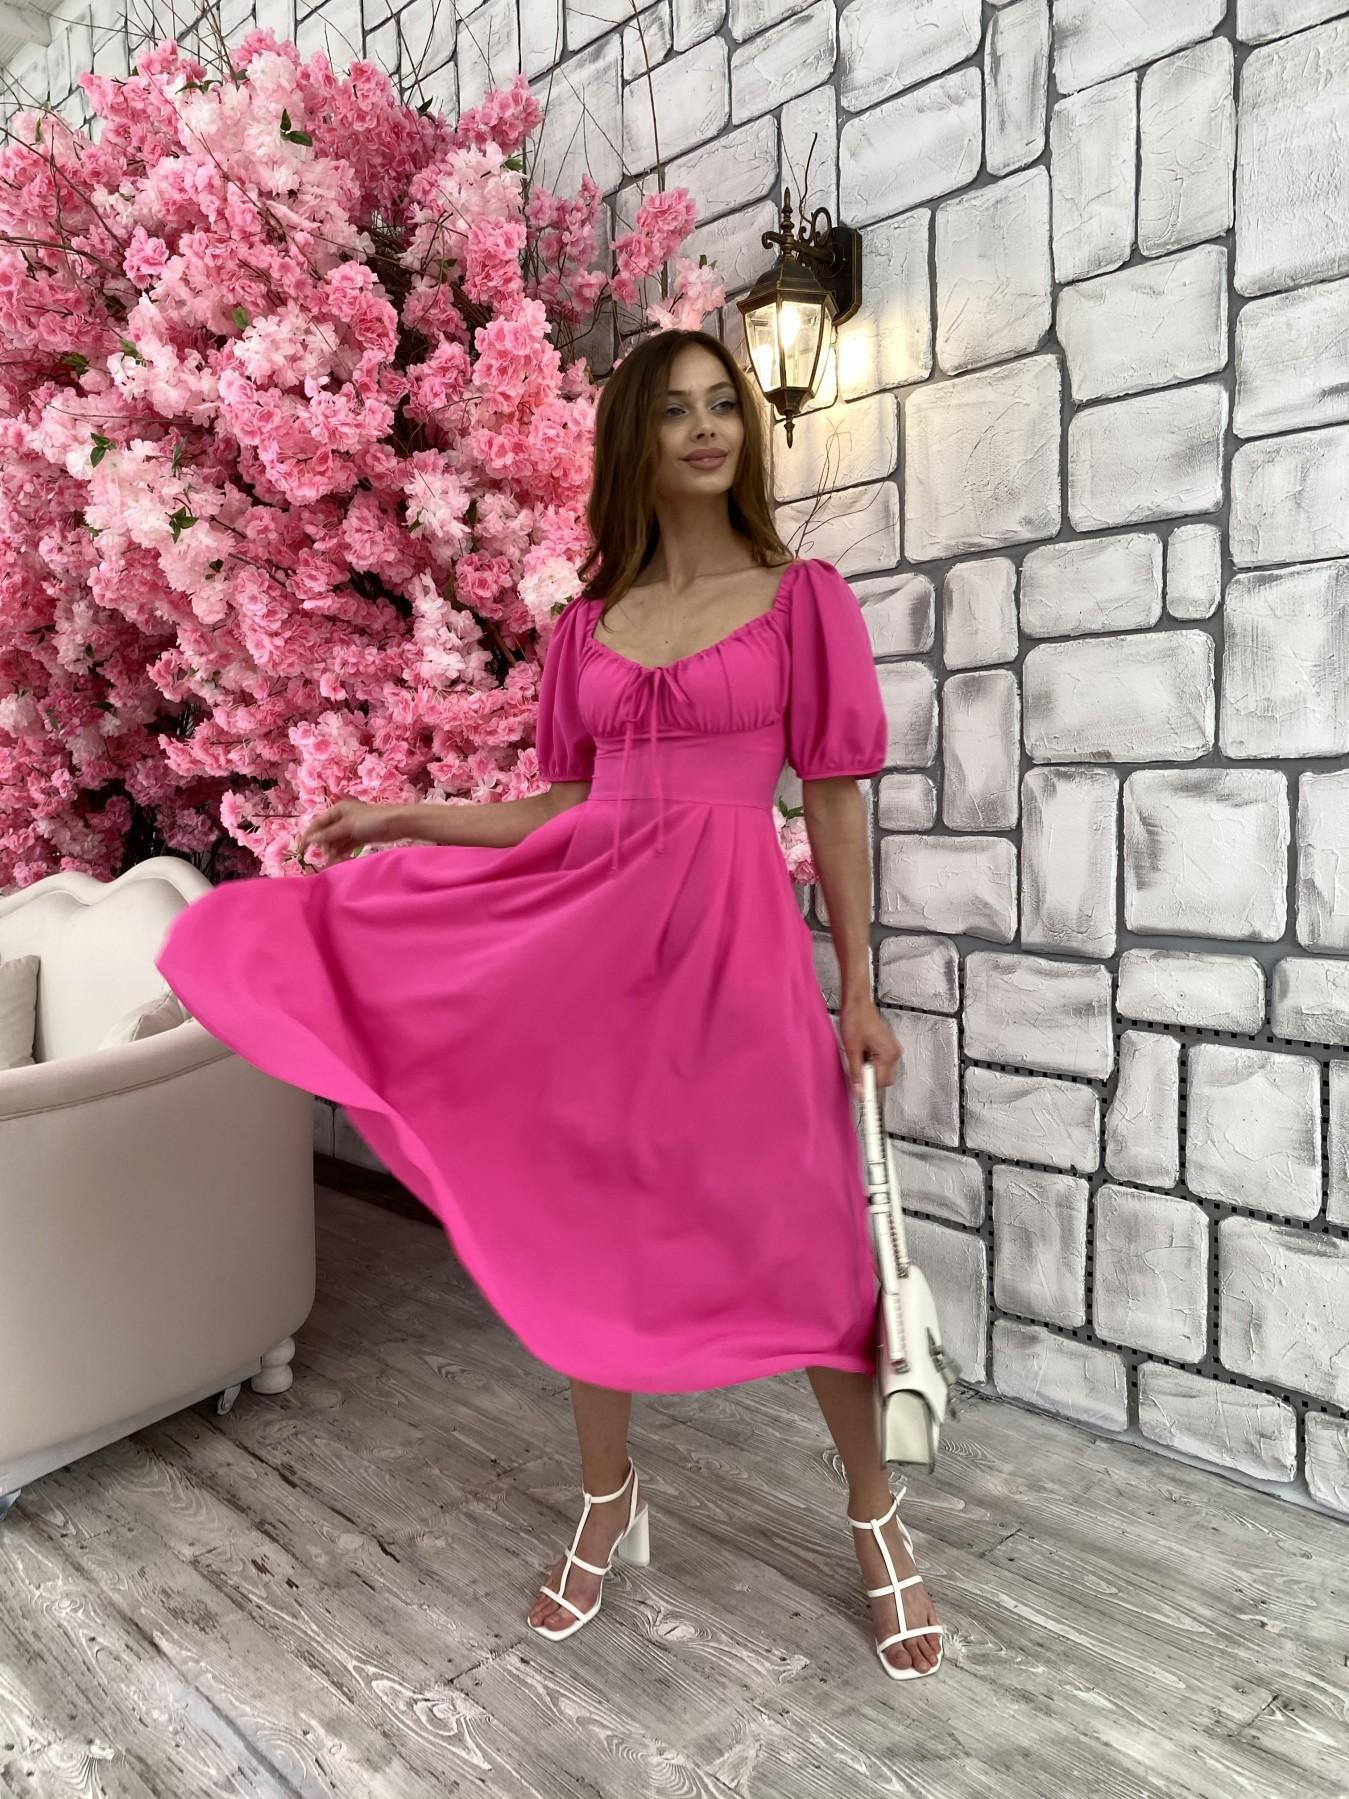 Платья оптом Украина недорого от Модус Кисес Миди платье из шифона креп 11443